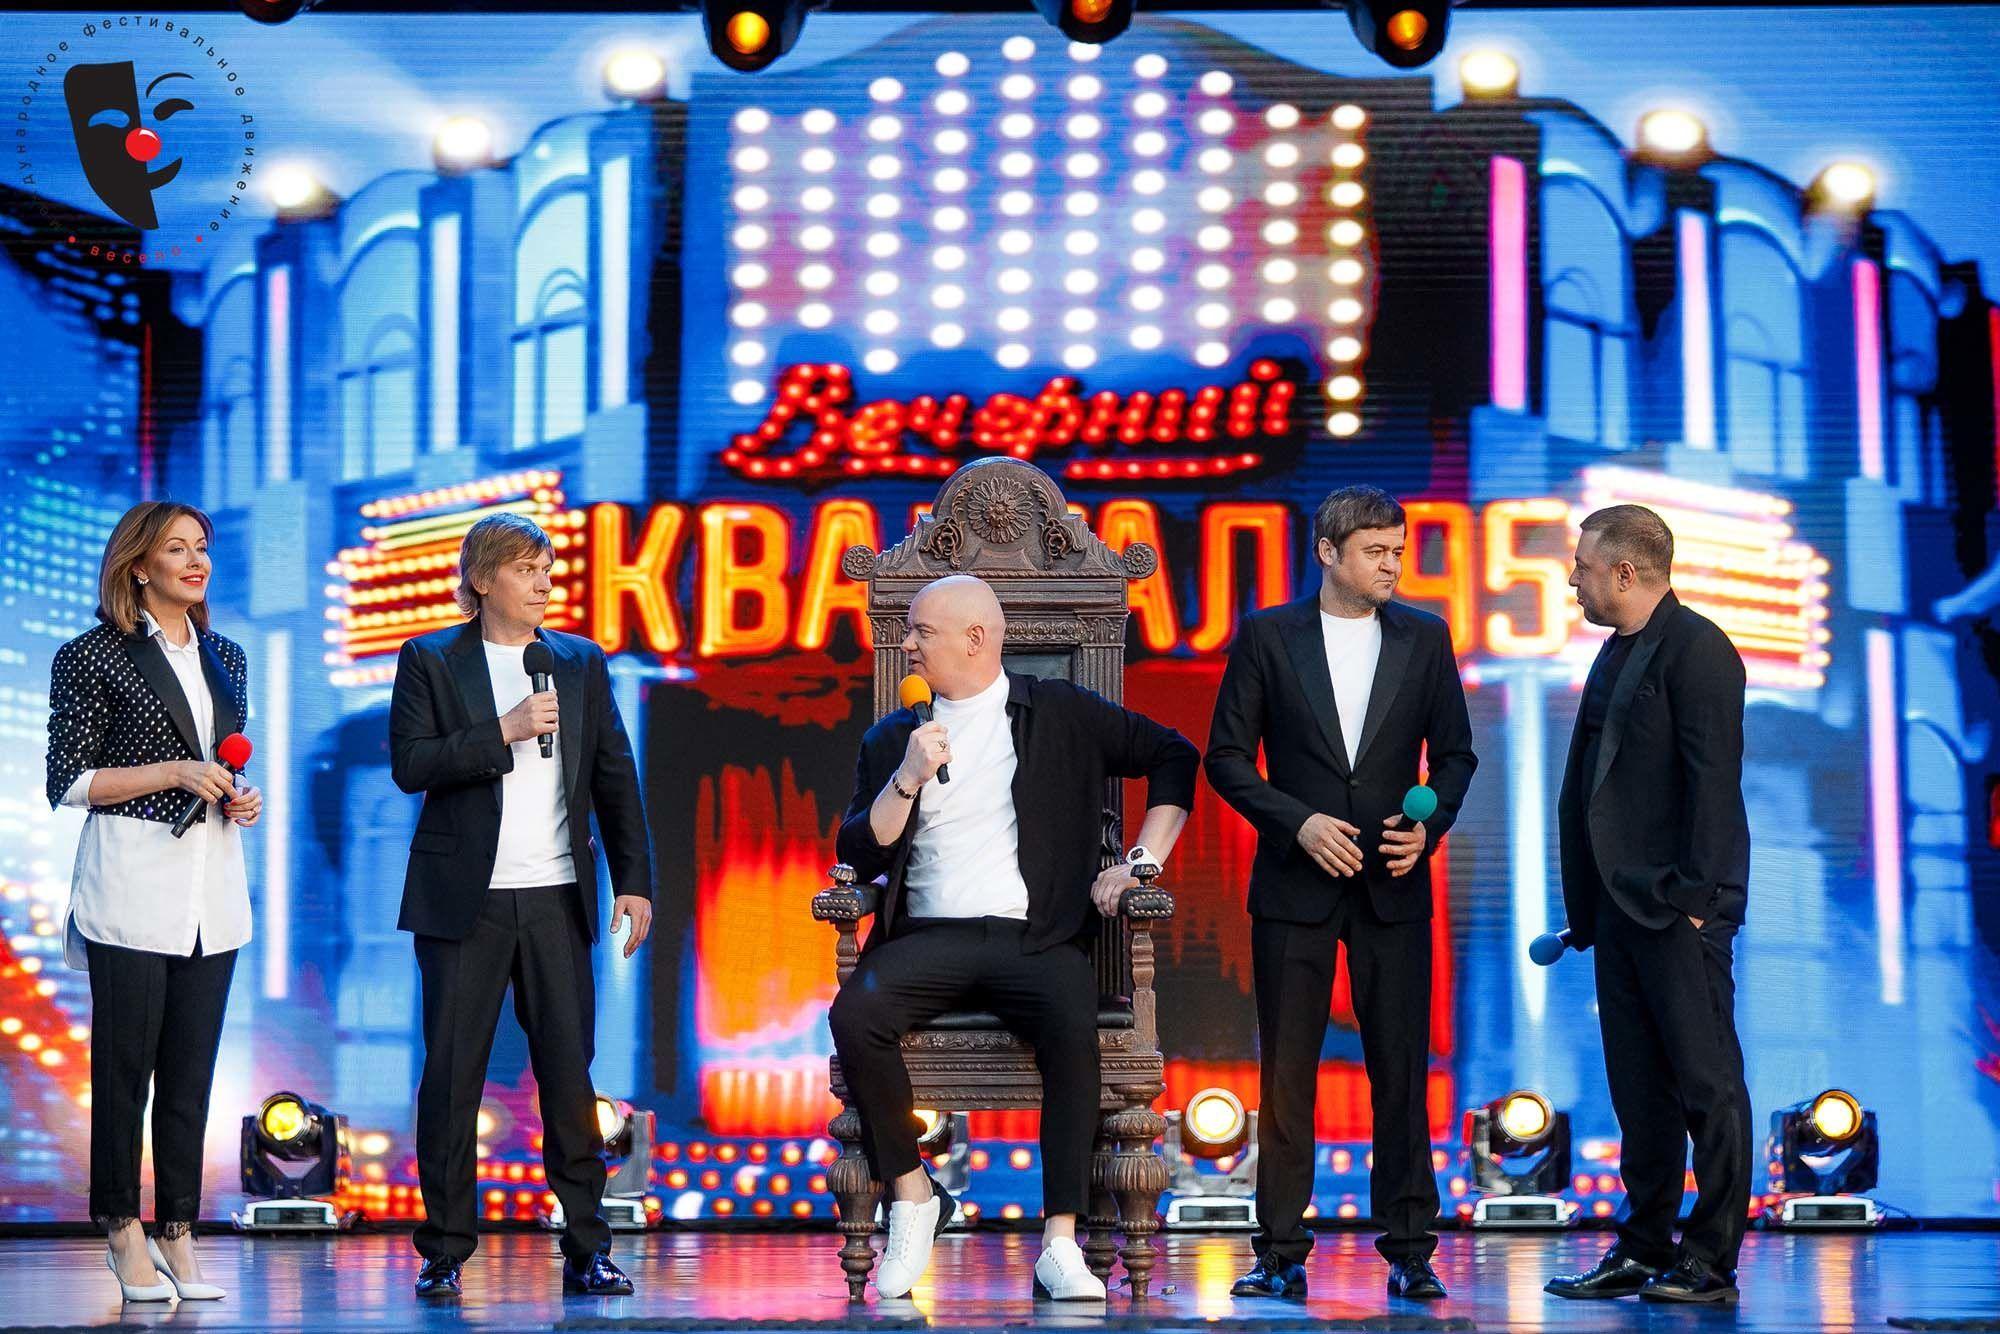 """""""Точно не планируем"""": в """"Квартале 95"""" опровергли информацию о возможных выступлениях в РФ - today.ua"""